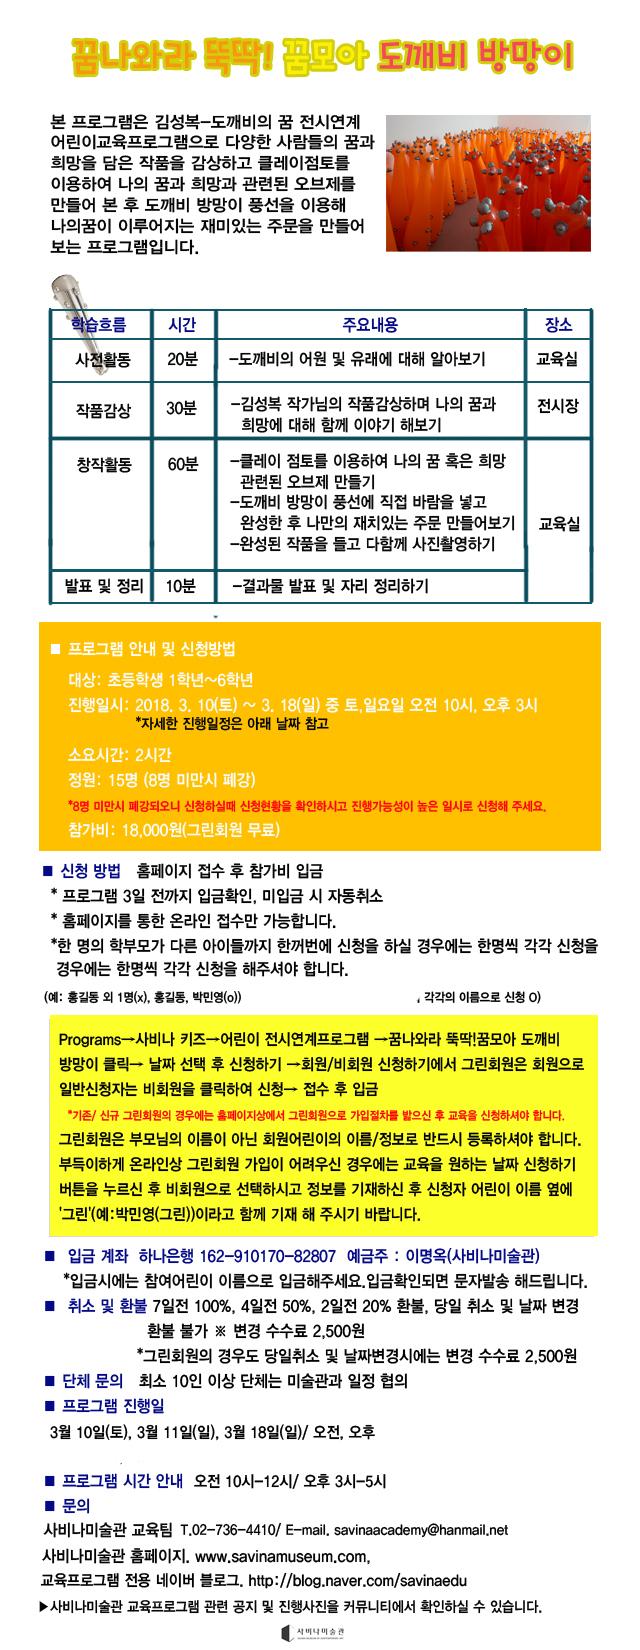 프로그램 홍보시안-김성복 전.jpg